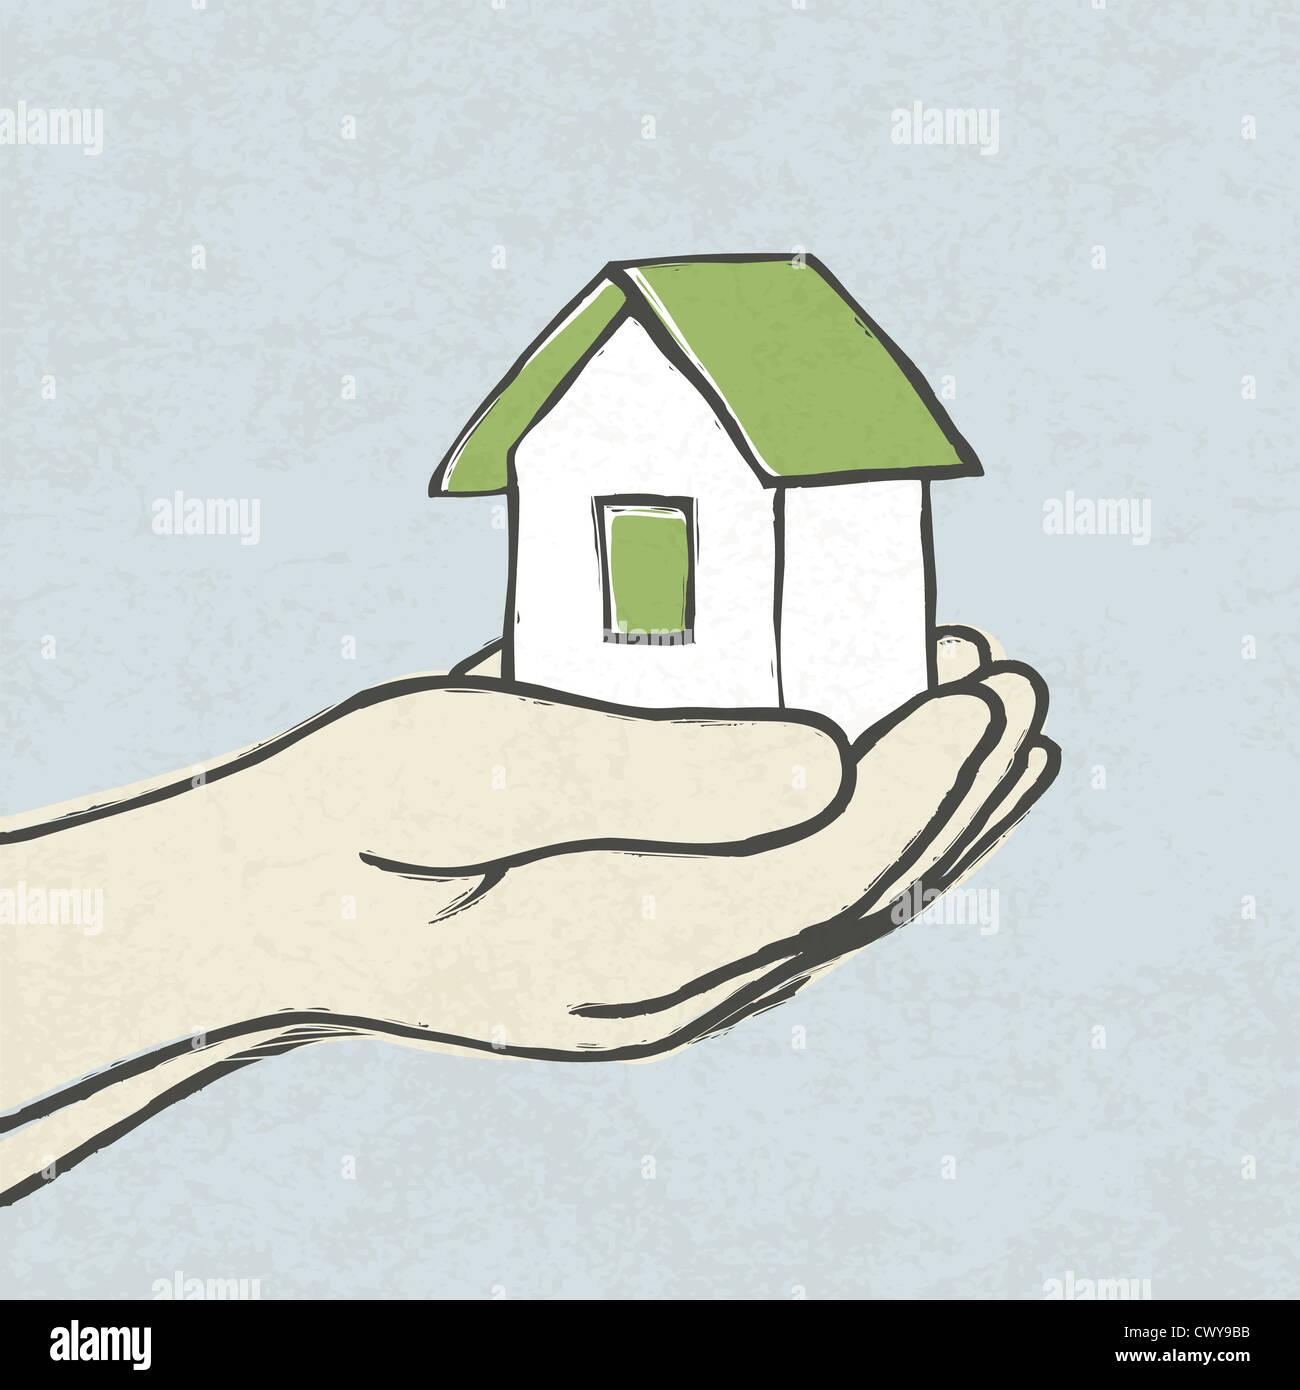 Casa Verde en las manos. Ilustración del concepto Imagen De Stock